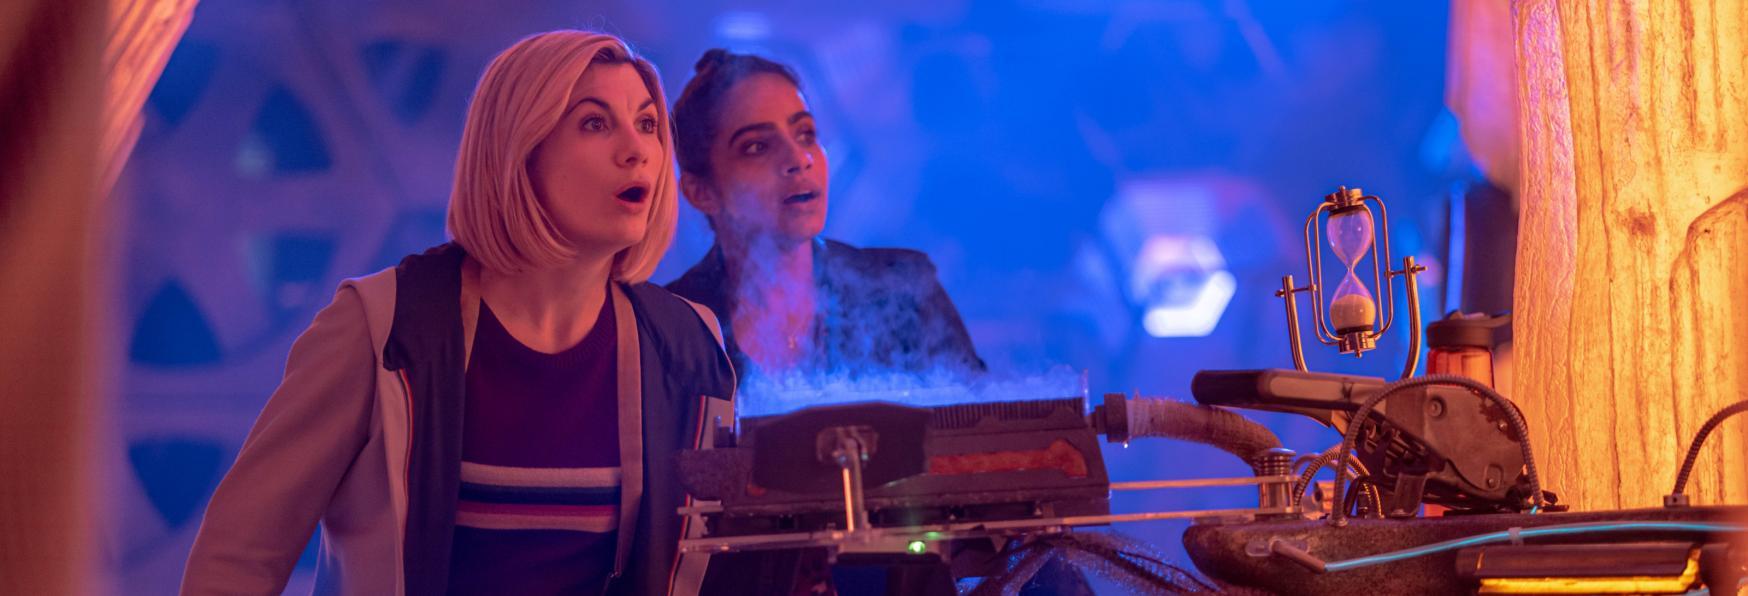 Doctor Who 13: Svelata la Sinossi della nuova Stagione della Serie TV targata BBC